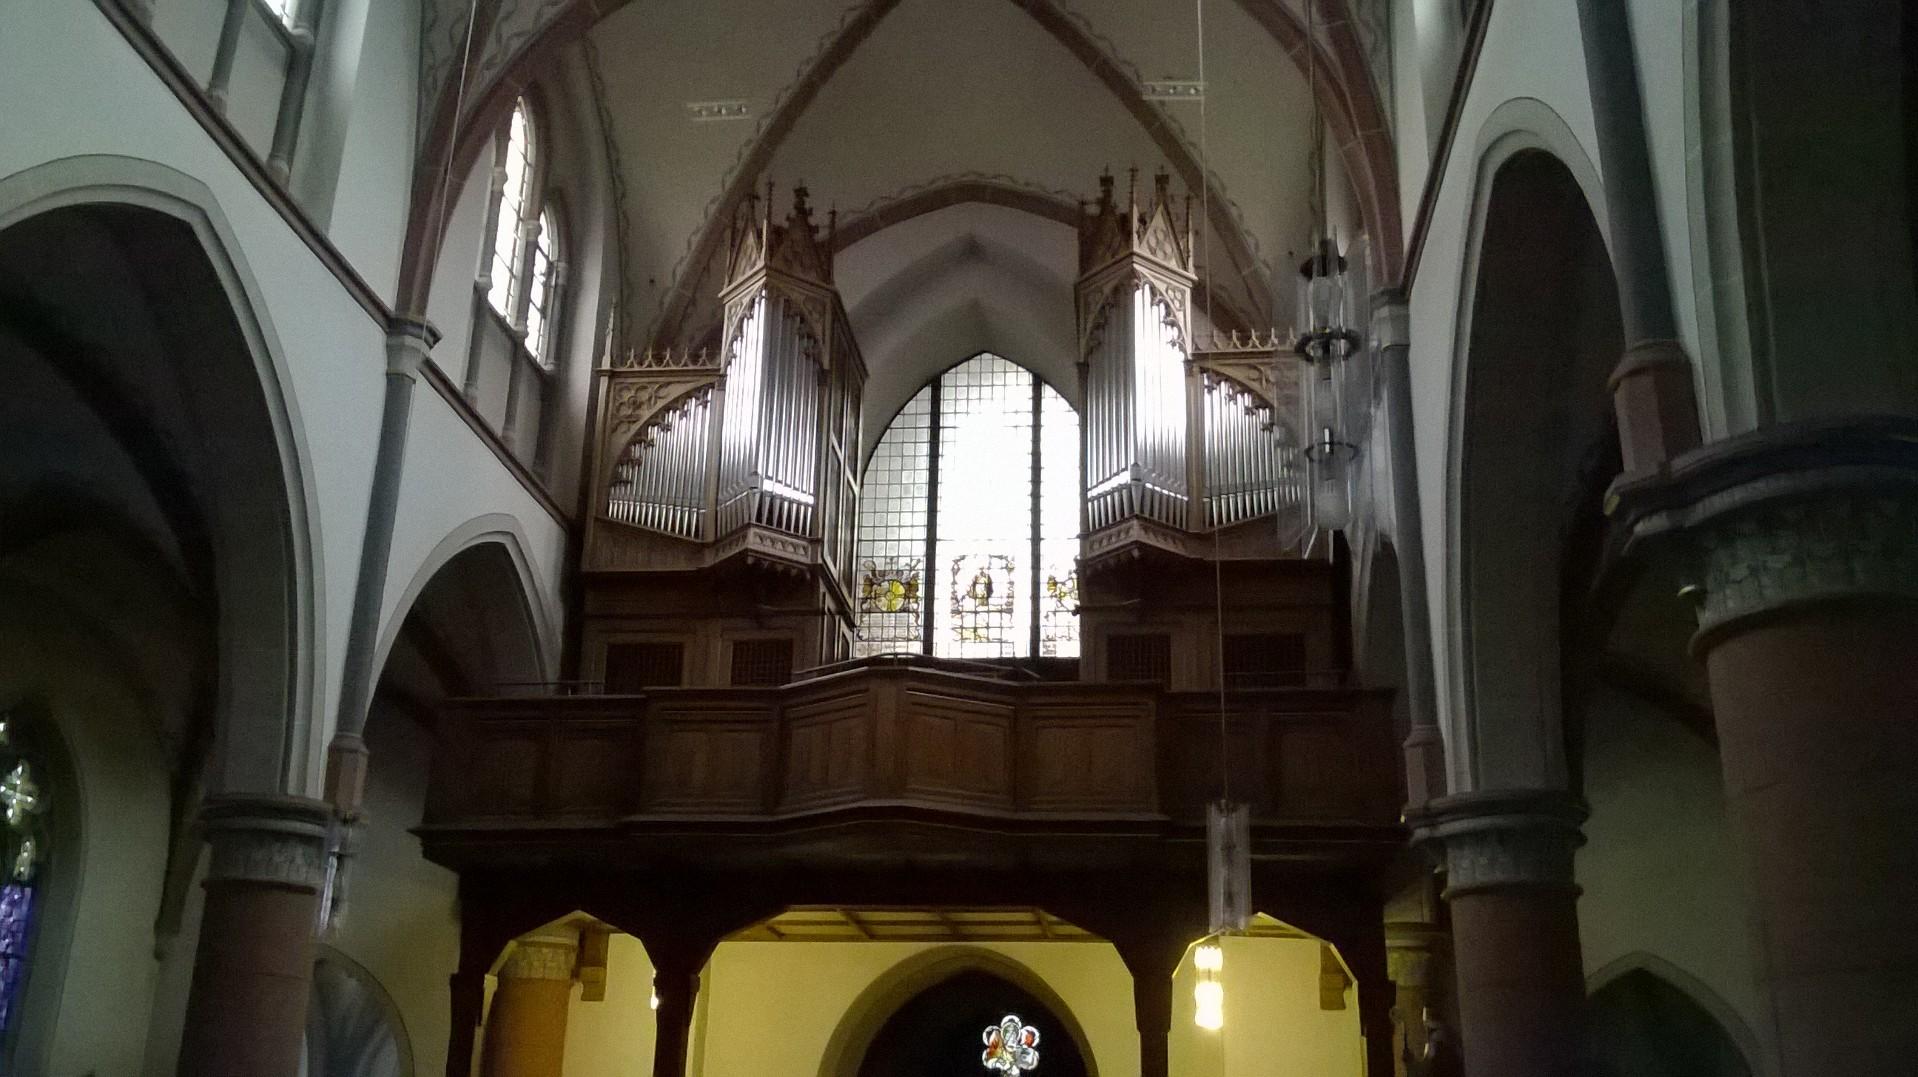 Die restaurierte Klais-Orgel In Bornheim-Hersel.